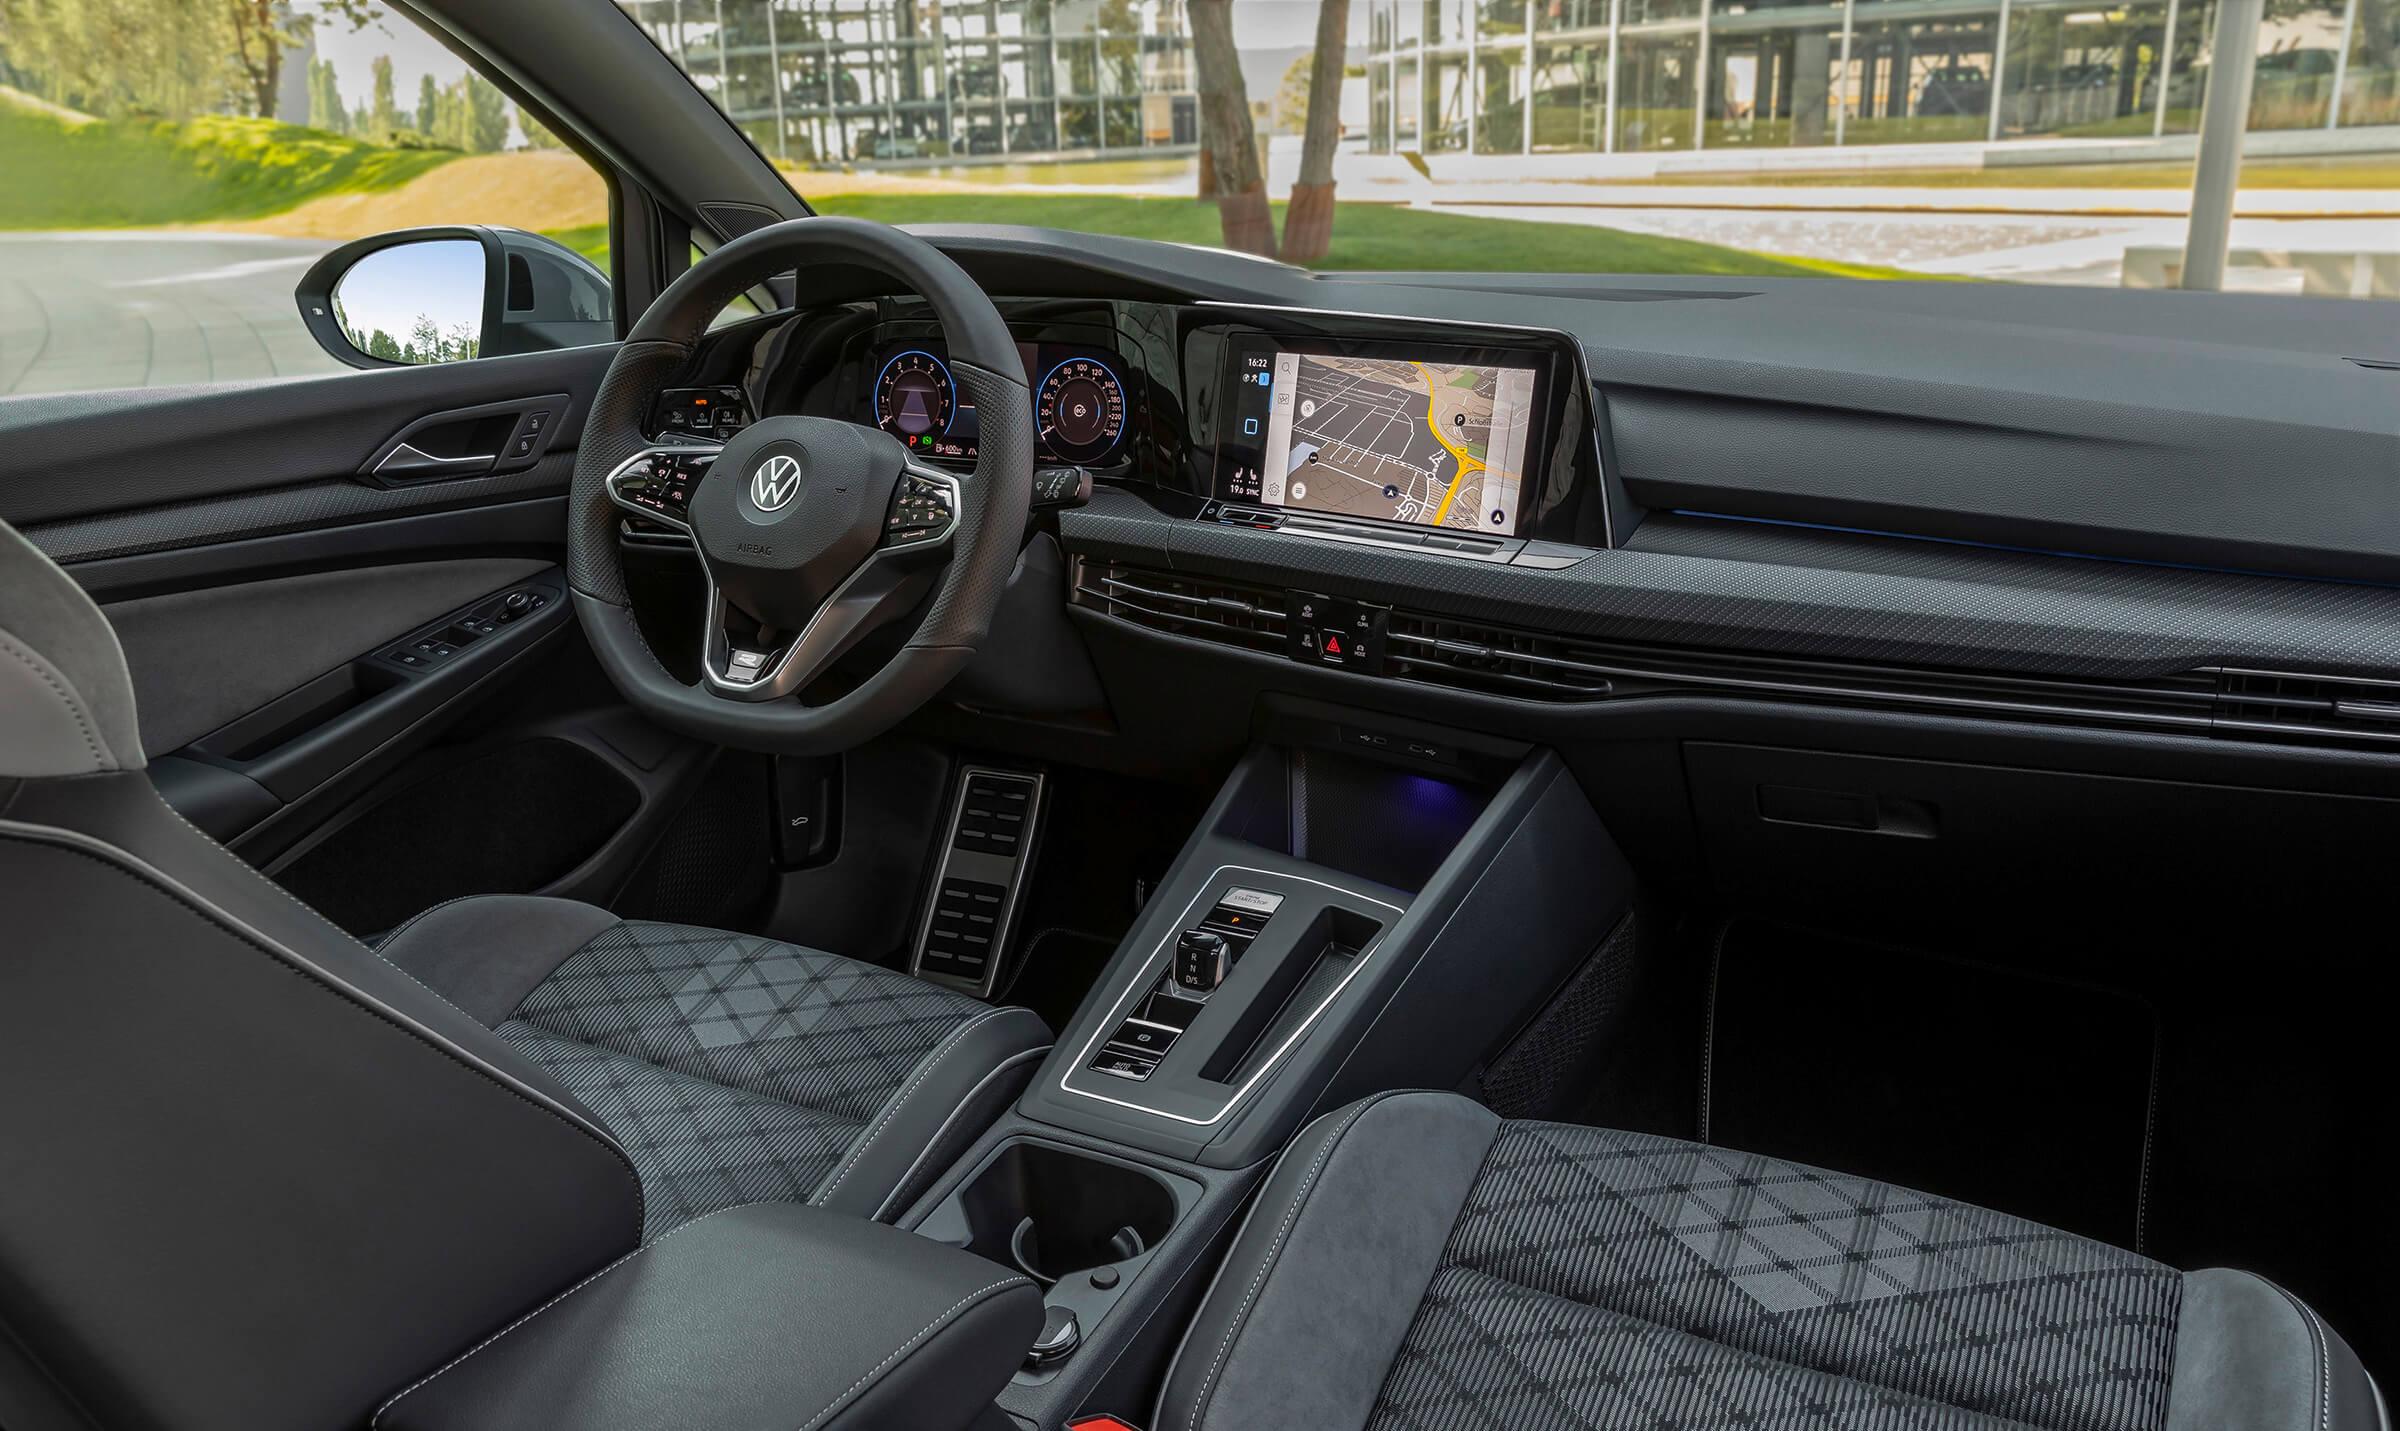 Νέο Volkswagen Golf - Εσωτερικό